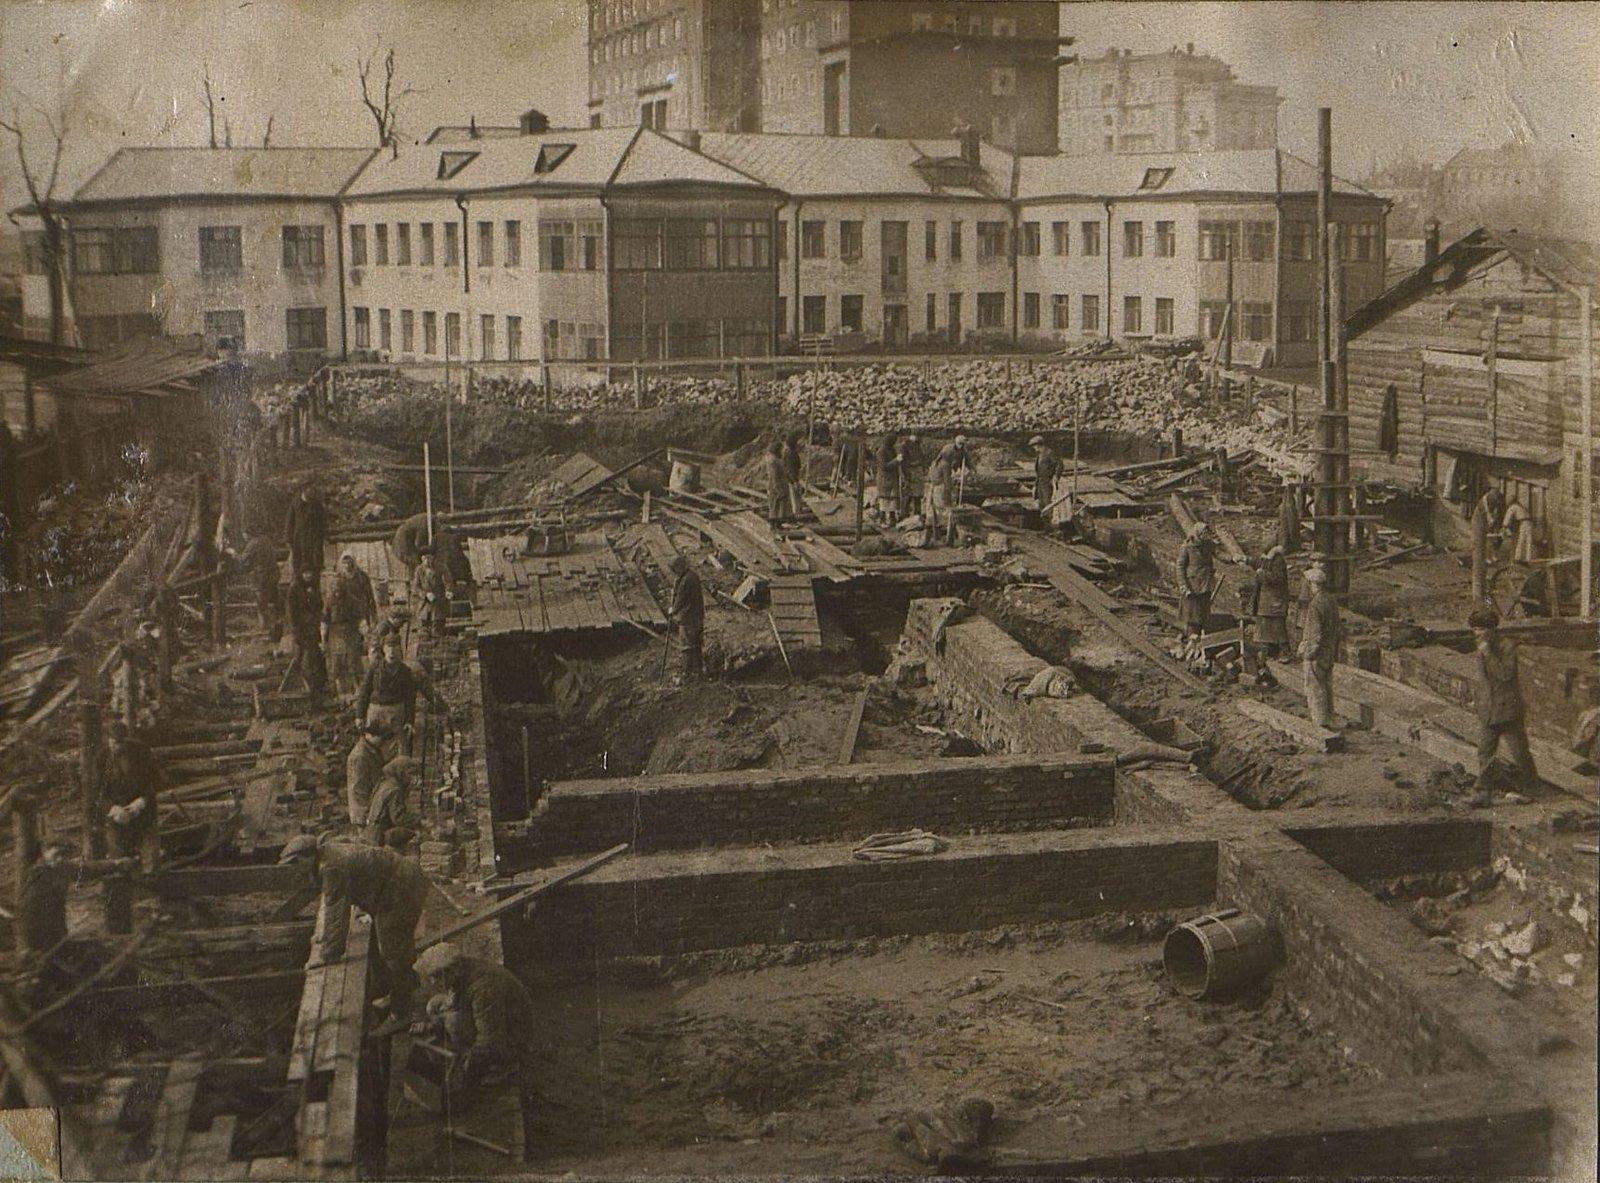 05. 1937. Строительство школы на улице Красина, дом 27. Март